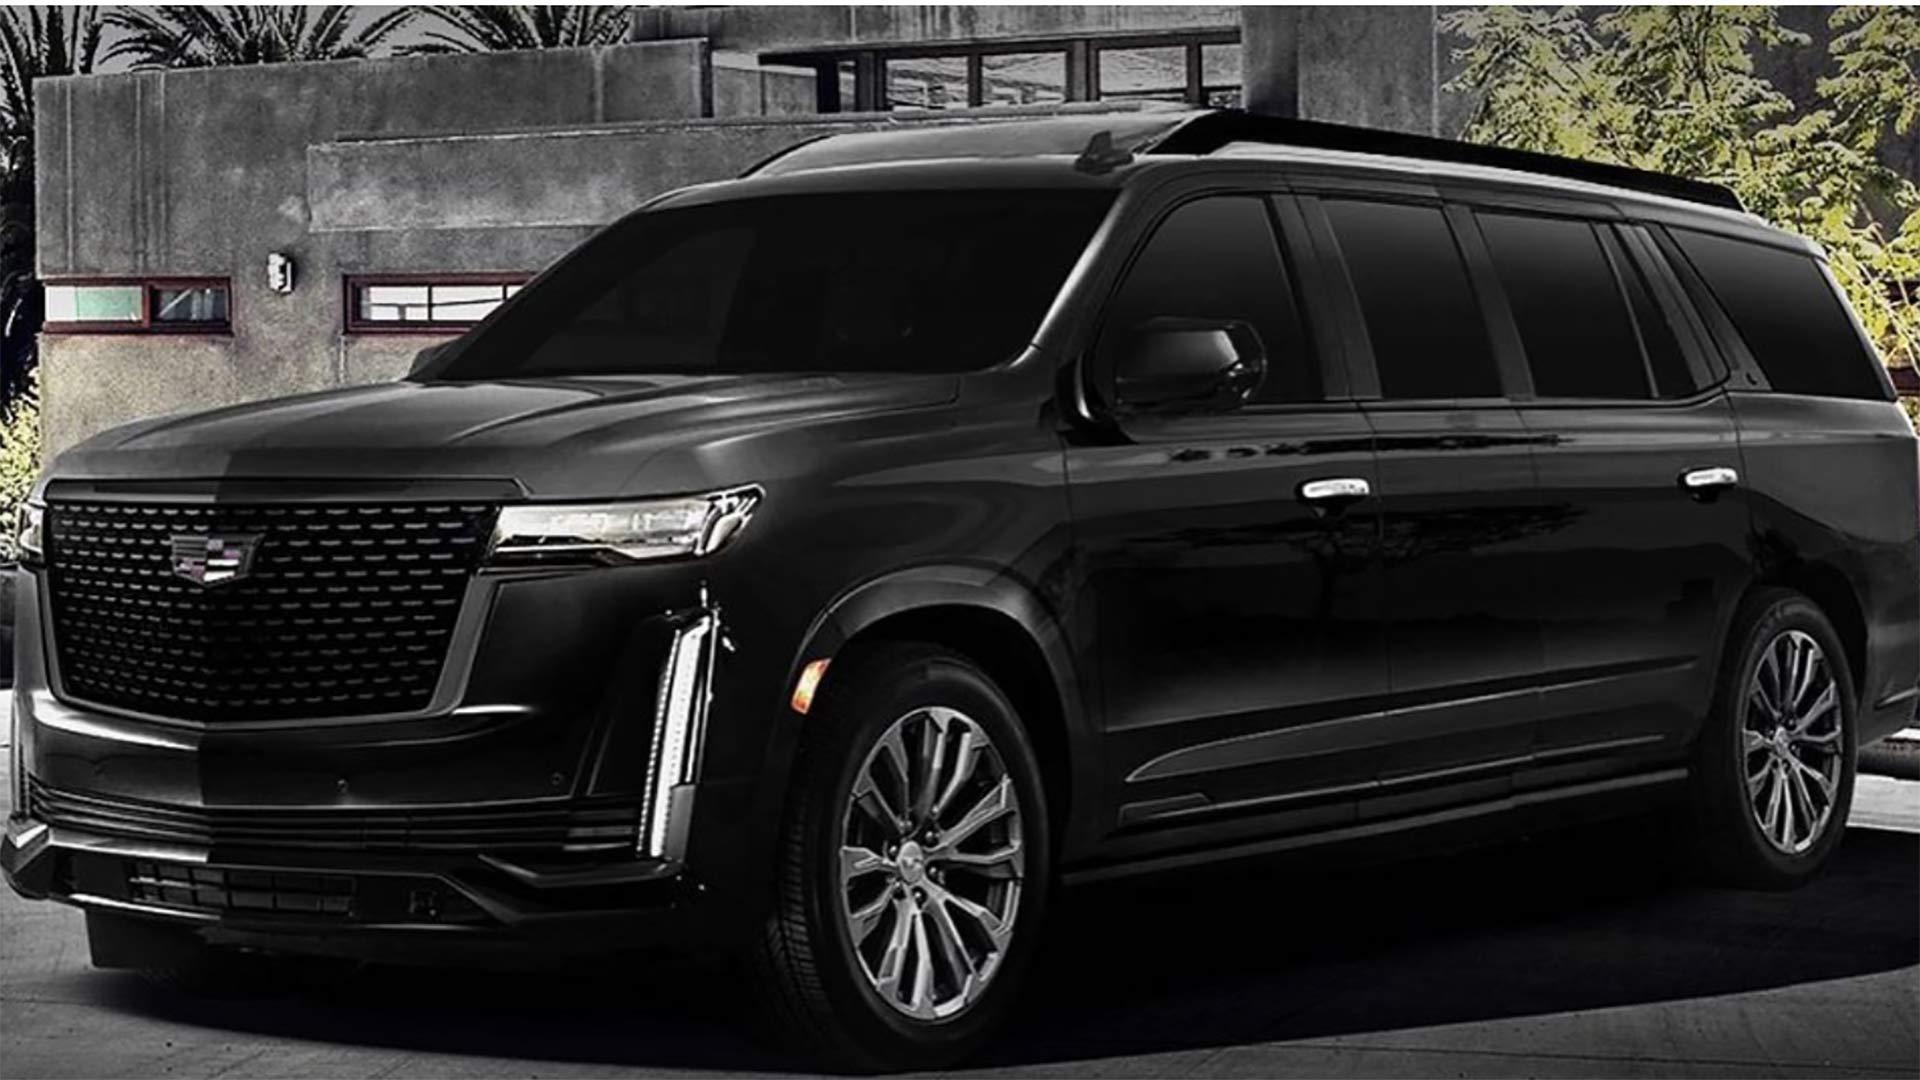 Vừa ra mắt không lâu, Cadillac Escalade 2021 đã có bản độ cực chất